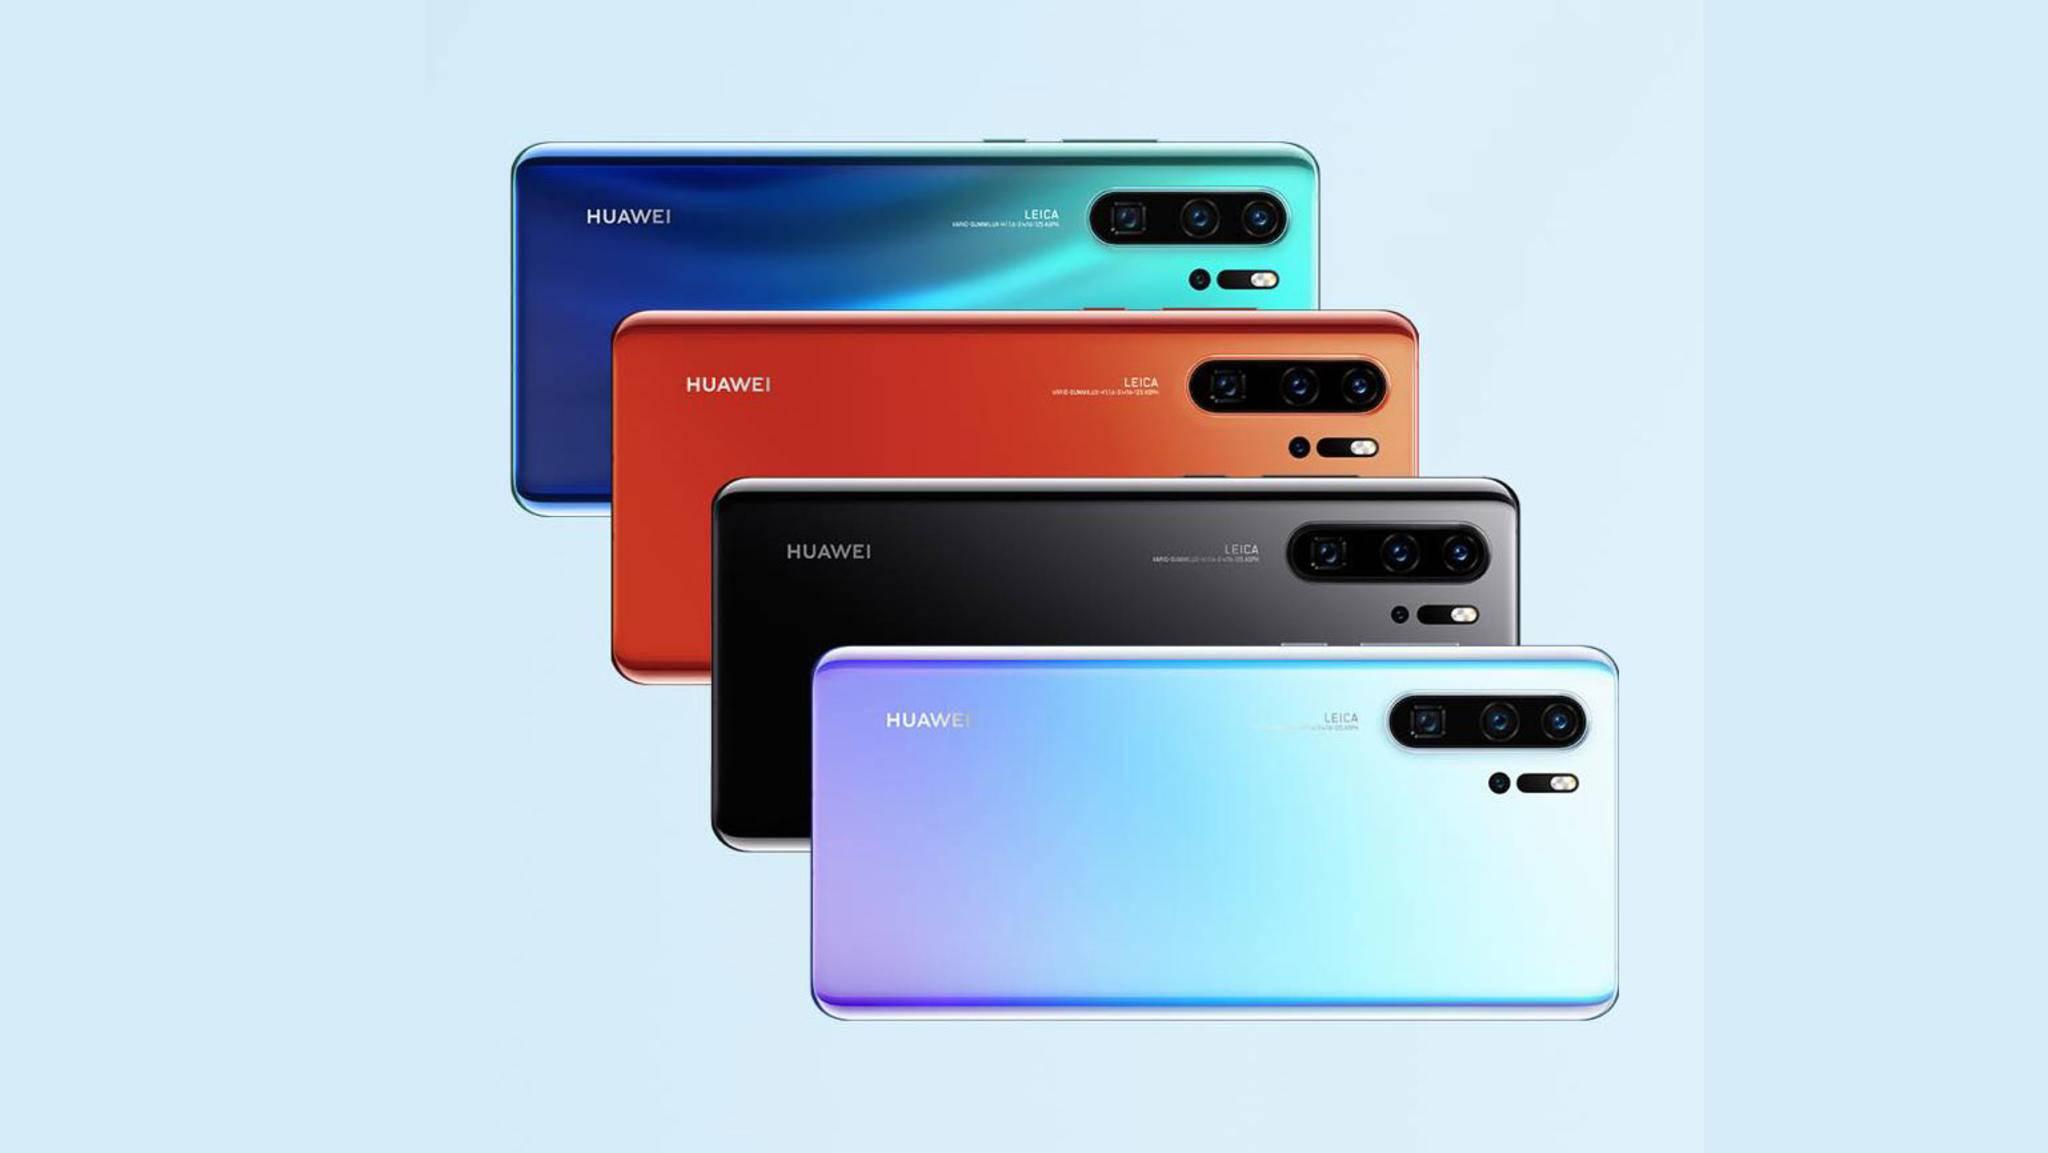 Das Huawei P30 Pro besitzt eine Quad-Kamera und kostet 999 Euro.